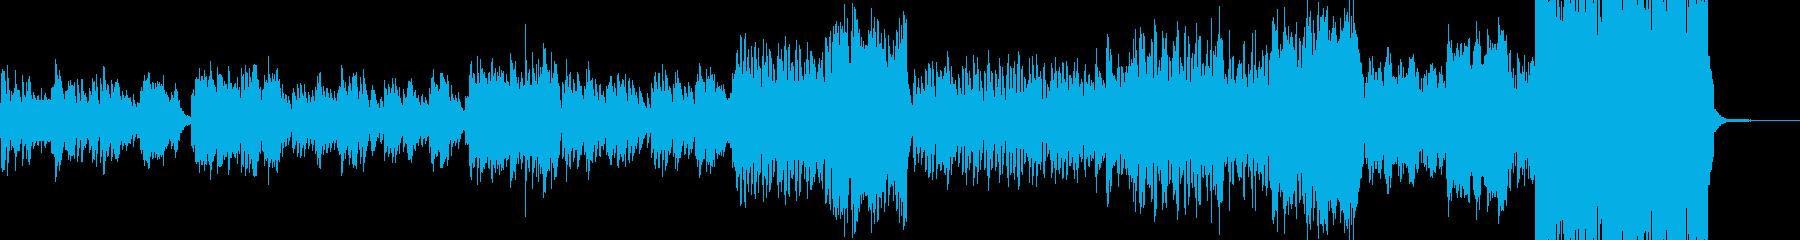 姫・ワルツ・終盤弾けるジャズへ展開 D2の再生済みの波形